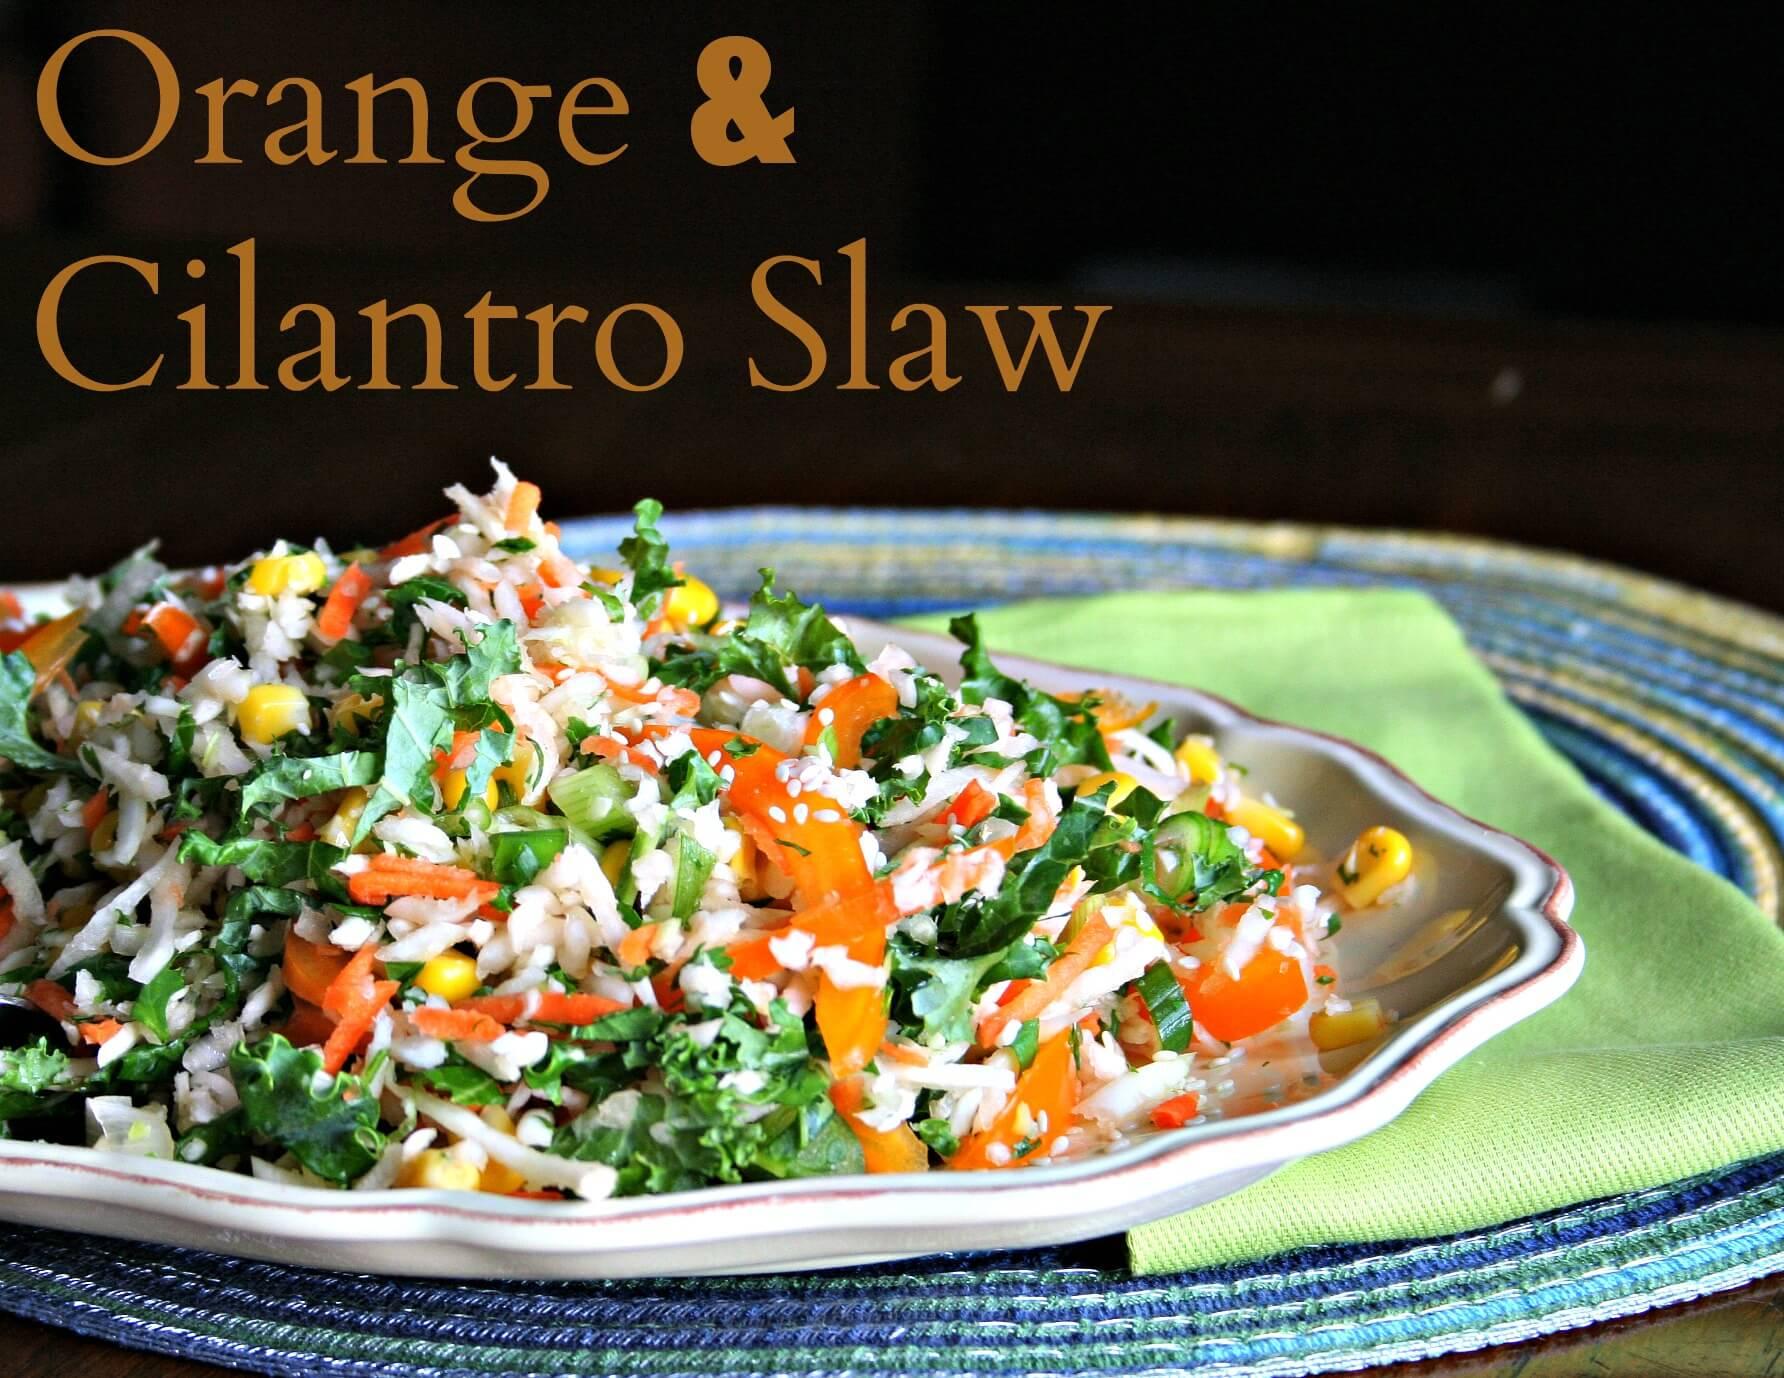 Orange and Cilantro Slaw